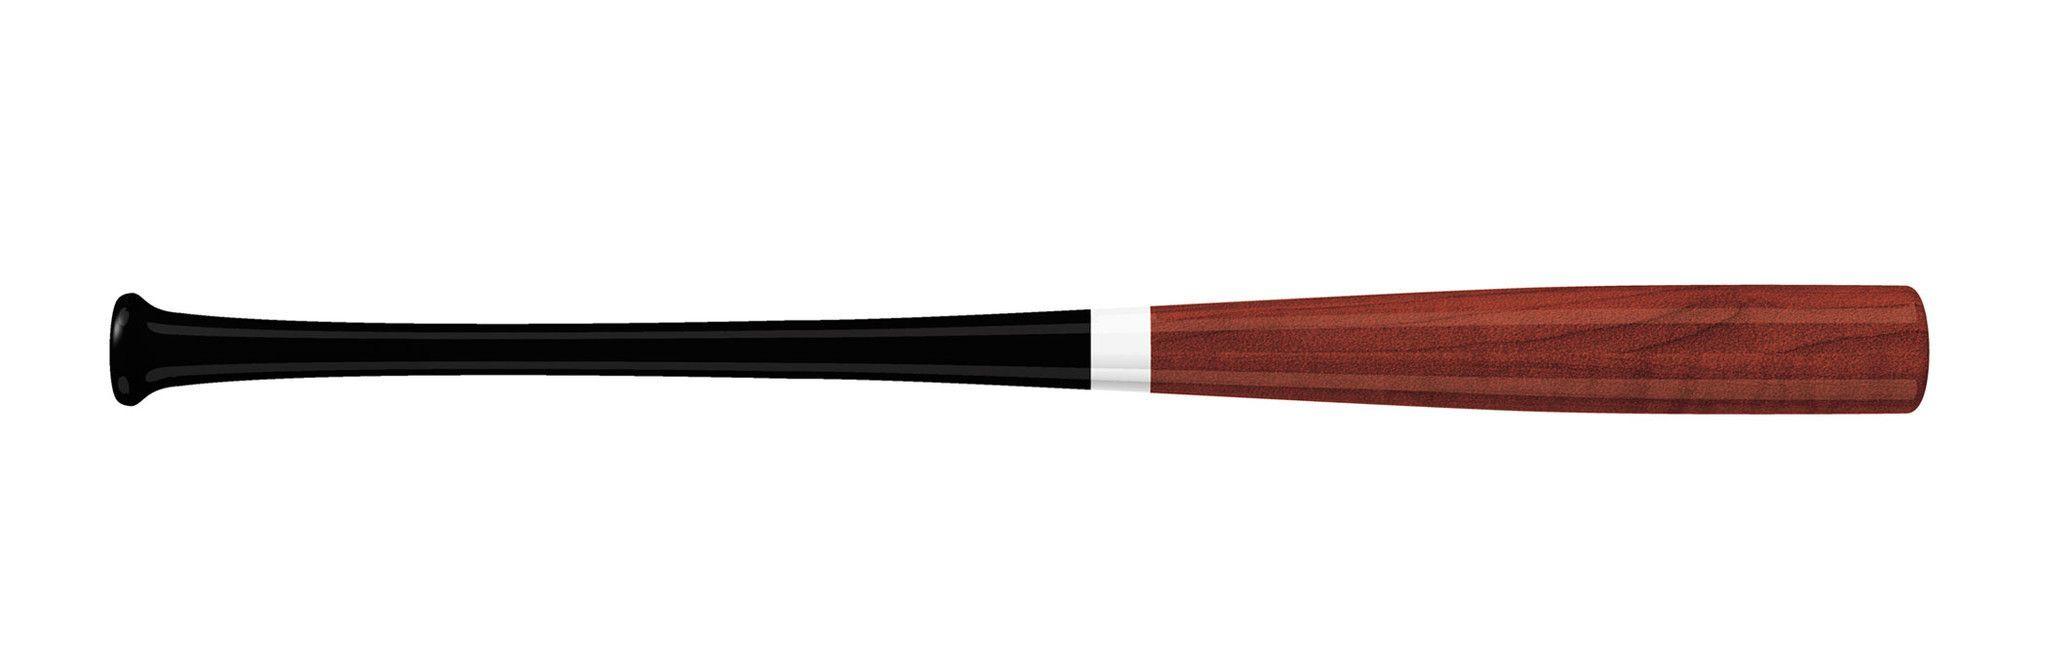 DeMarini D243 Pro Maple Composite Wood Bat: DX243 Adult